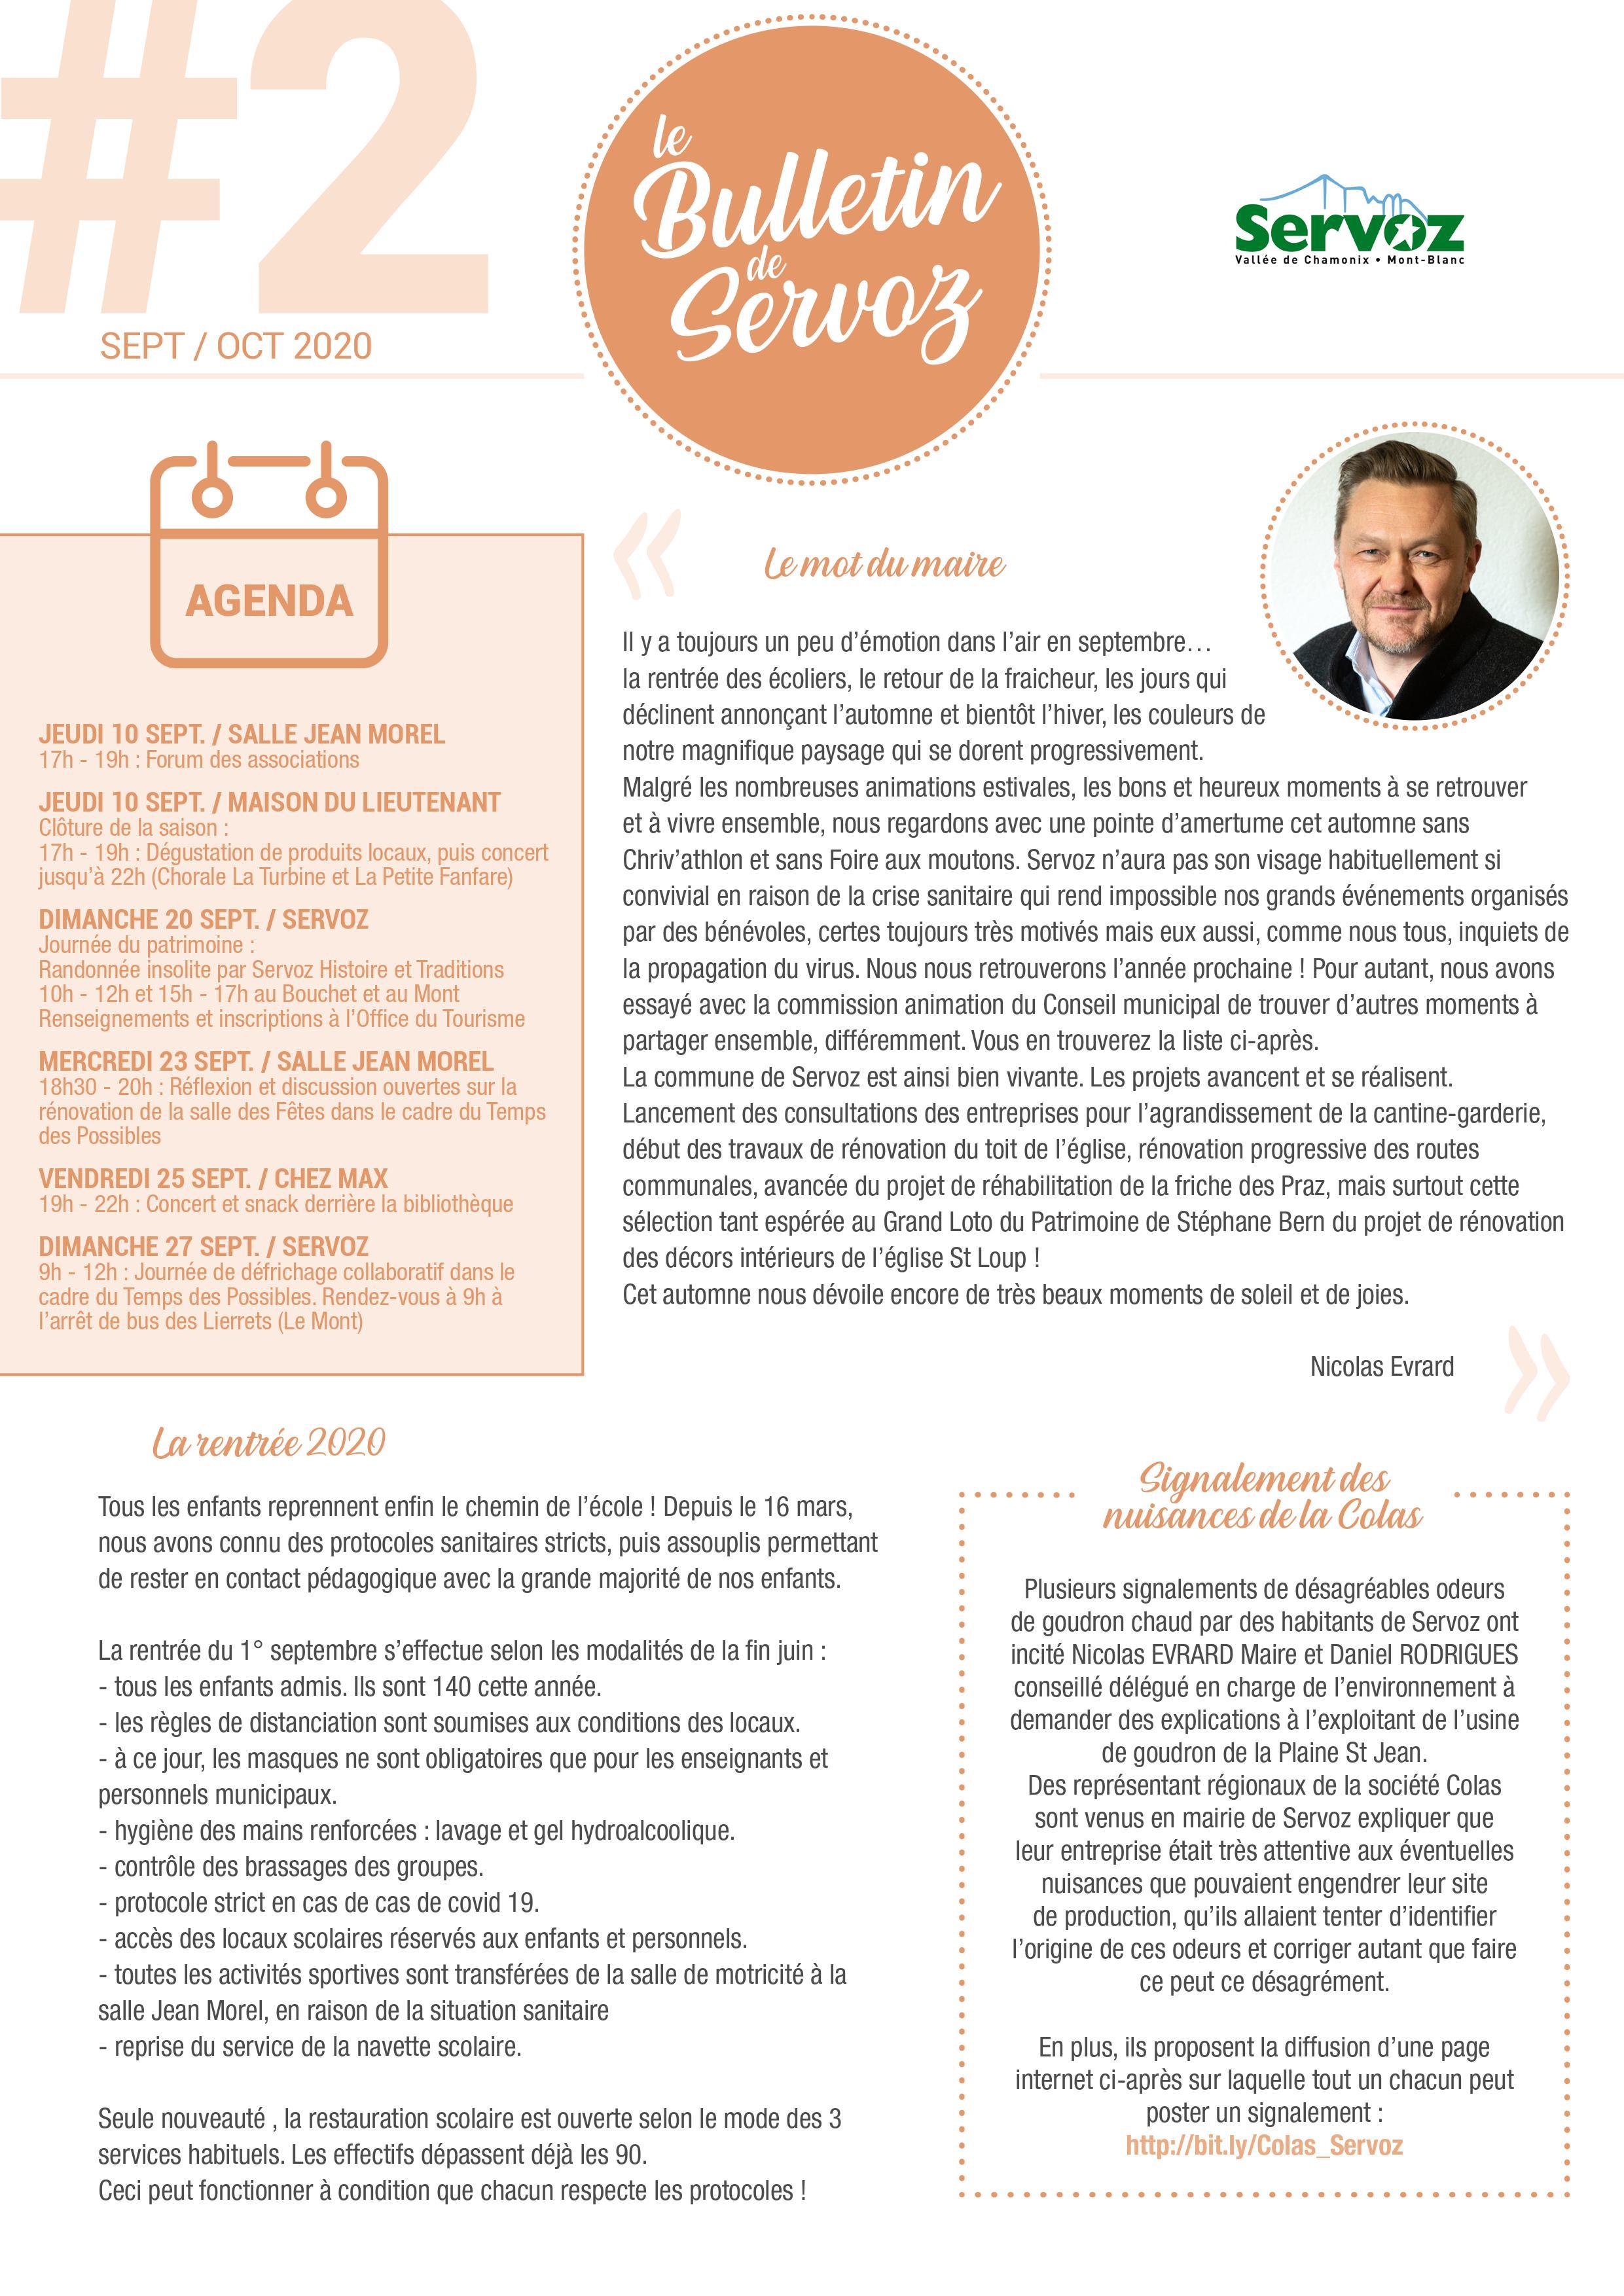 Bulletin de Servoz - Septembre / Octobre 2020